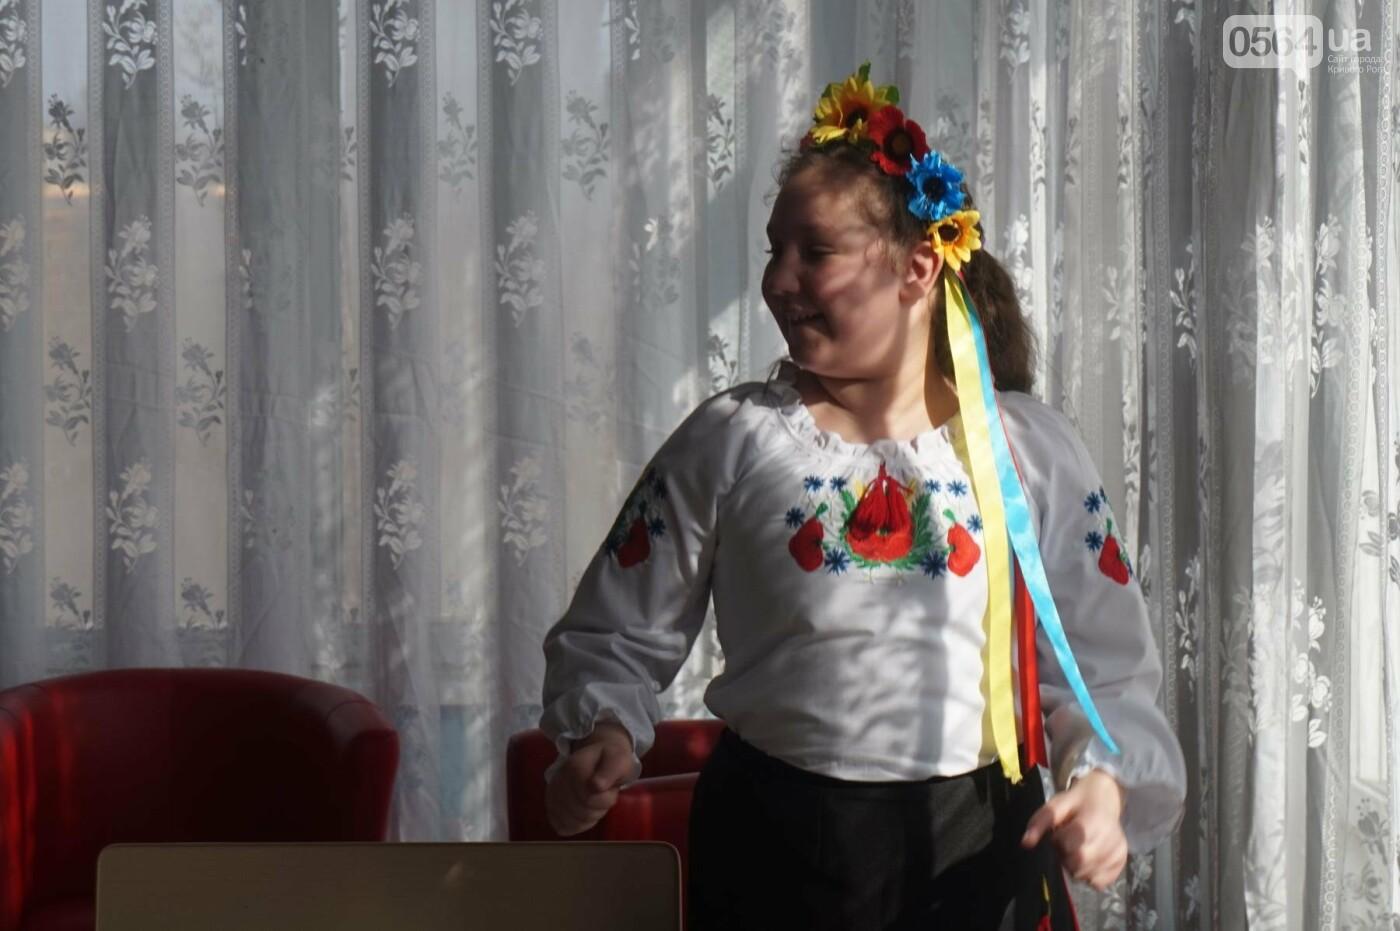 Приближаясь к Европе: Как в школах Кривого Рога внедряют инклюзию (ФОТО), фото-20